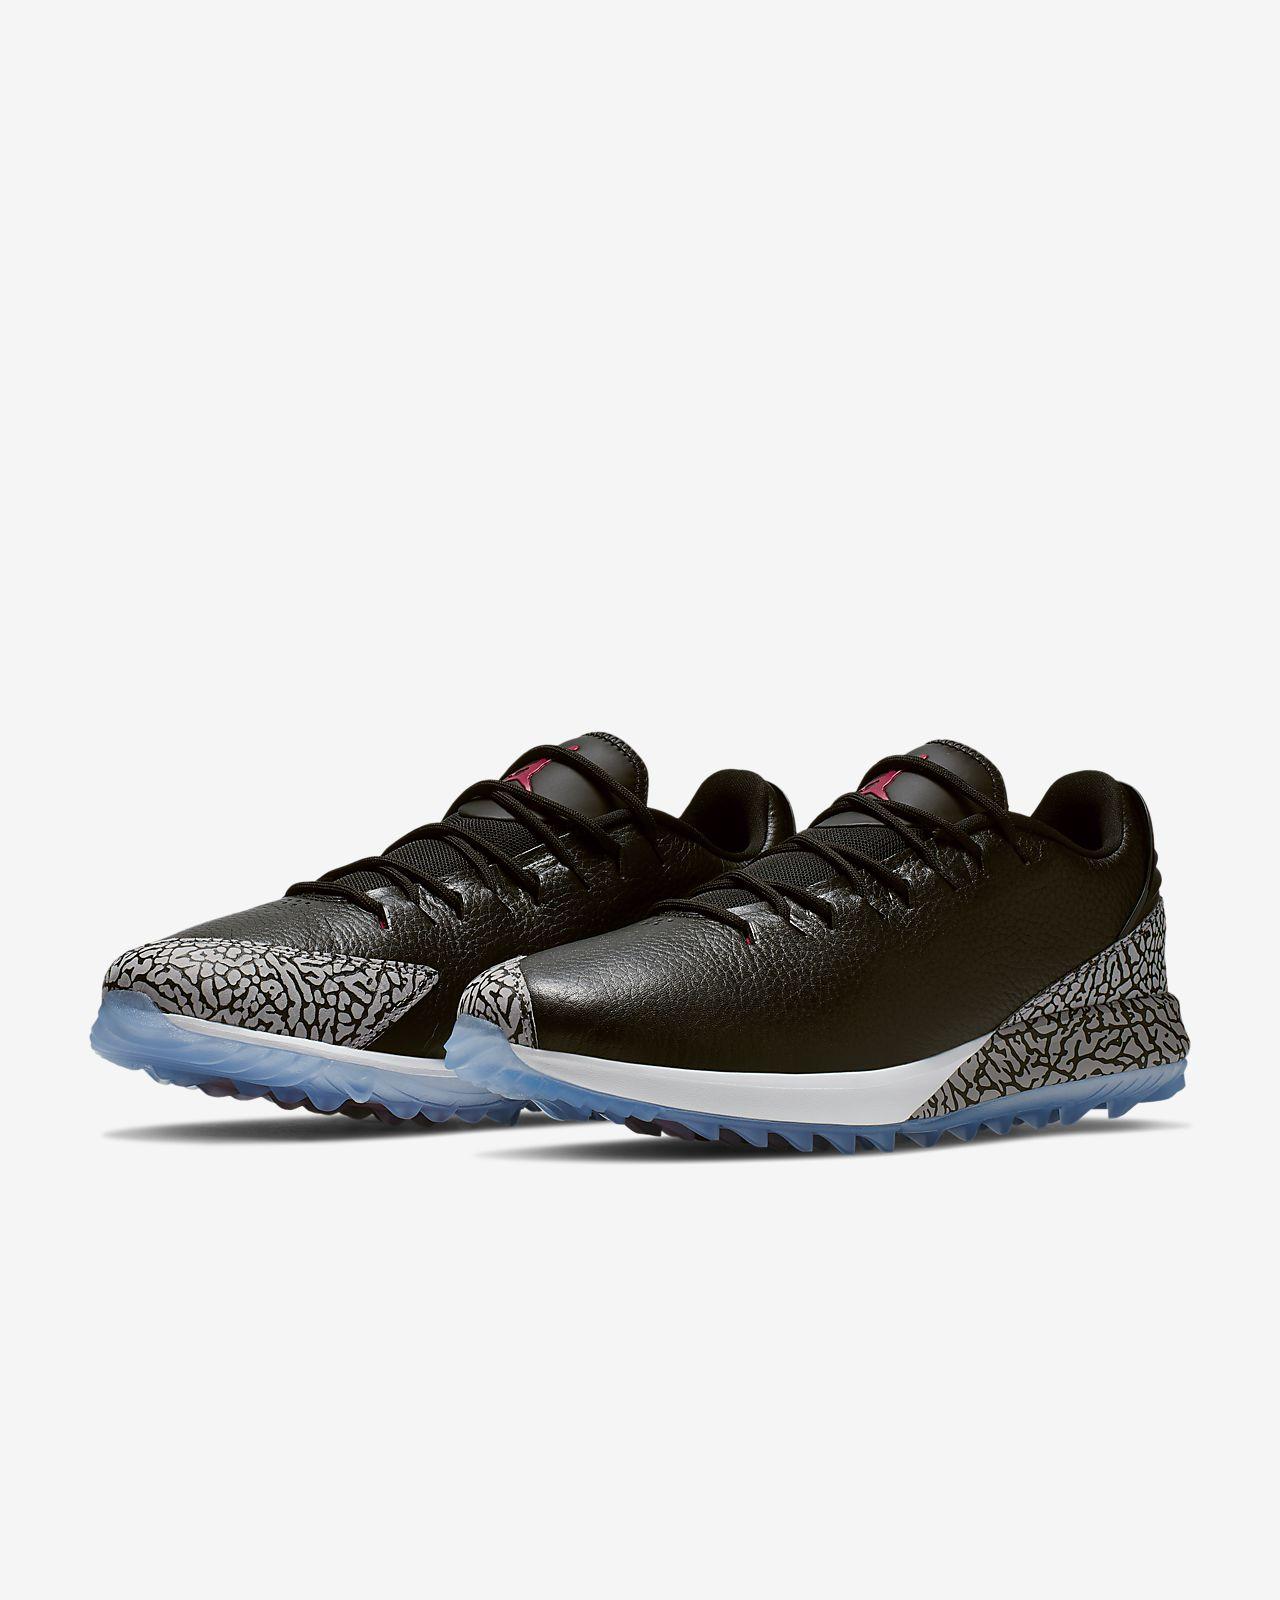 989b2080ed3e6d Jordan ADG Men s Golf Shoe. Nike.com SI